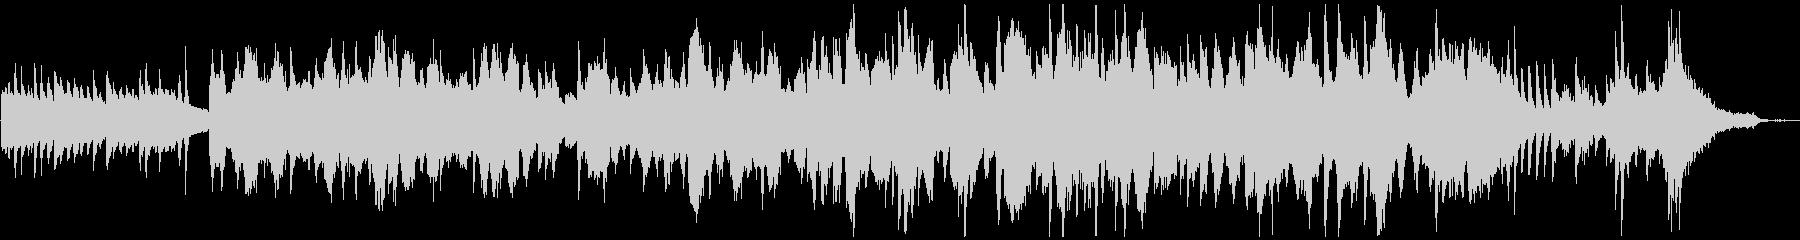 ピアノとバイオリンの美しいバラードの未再生の波形